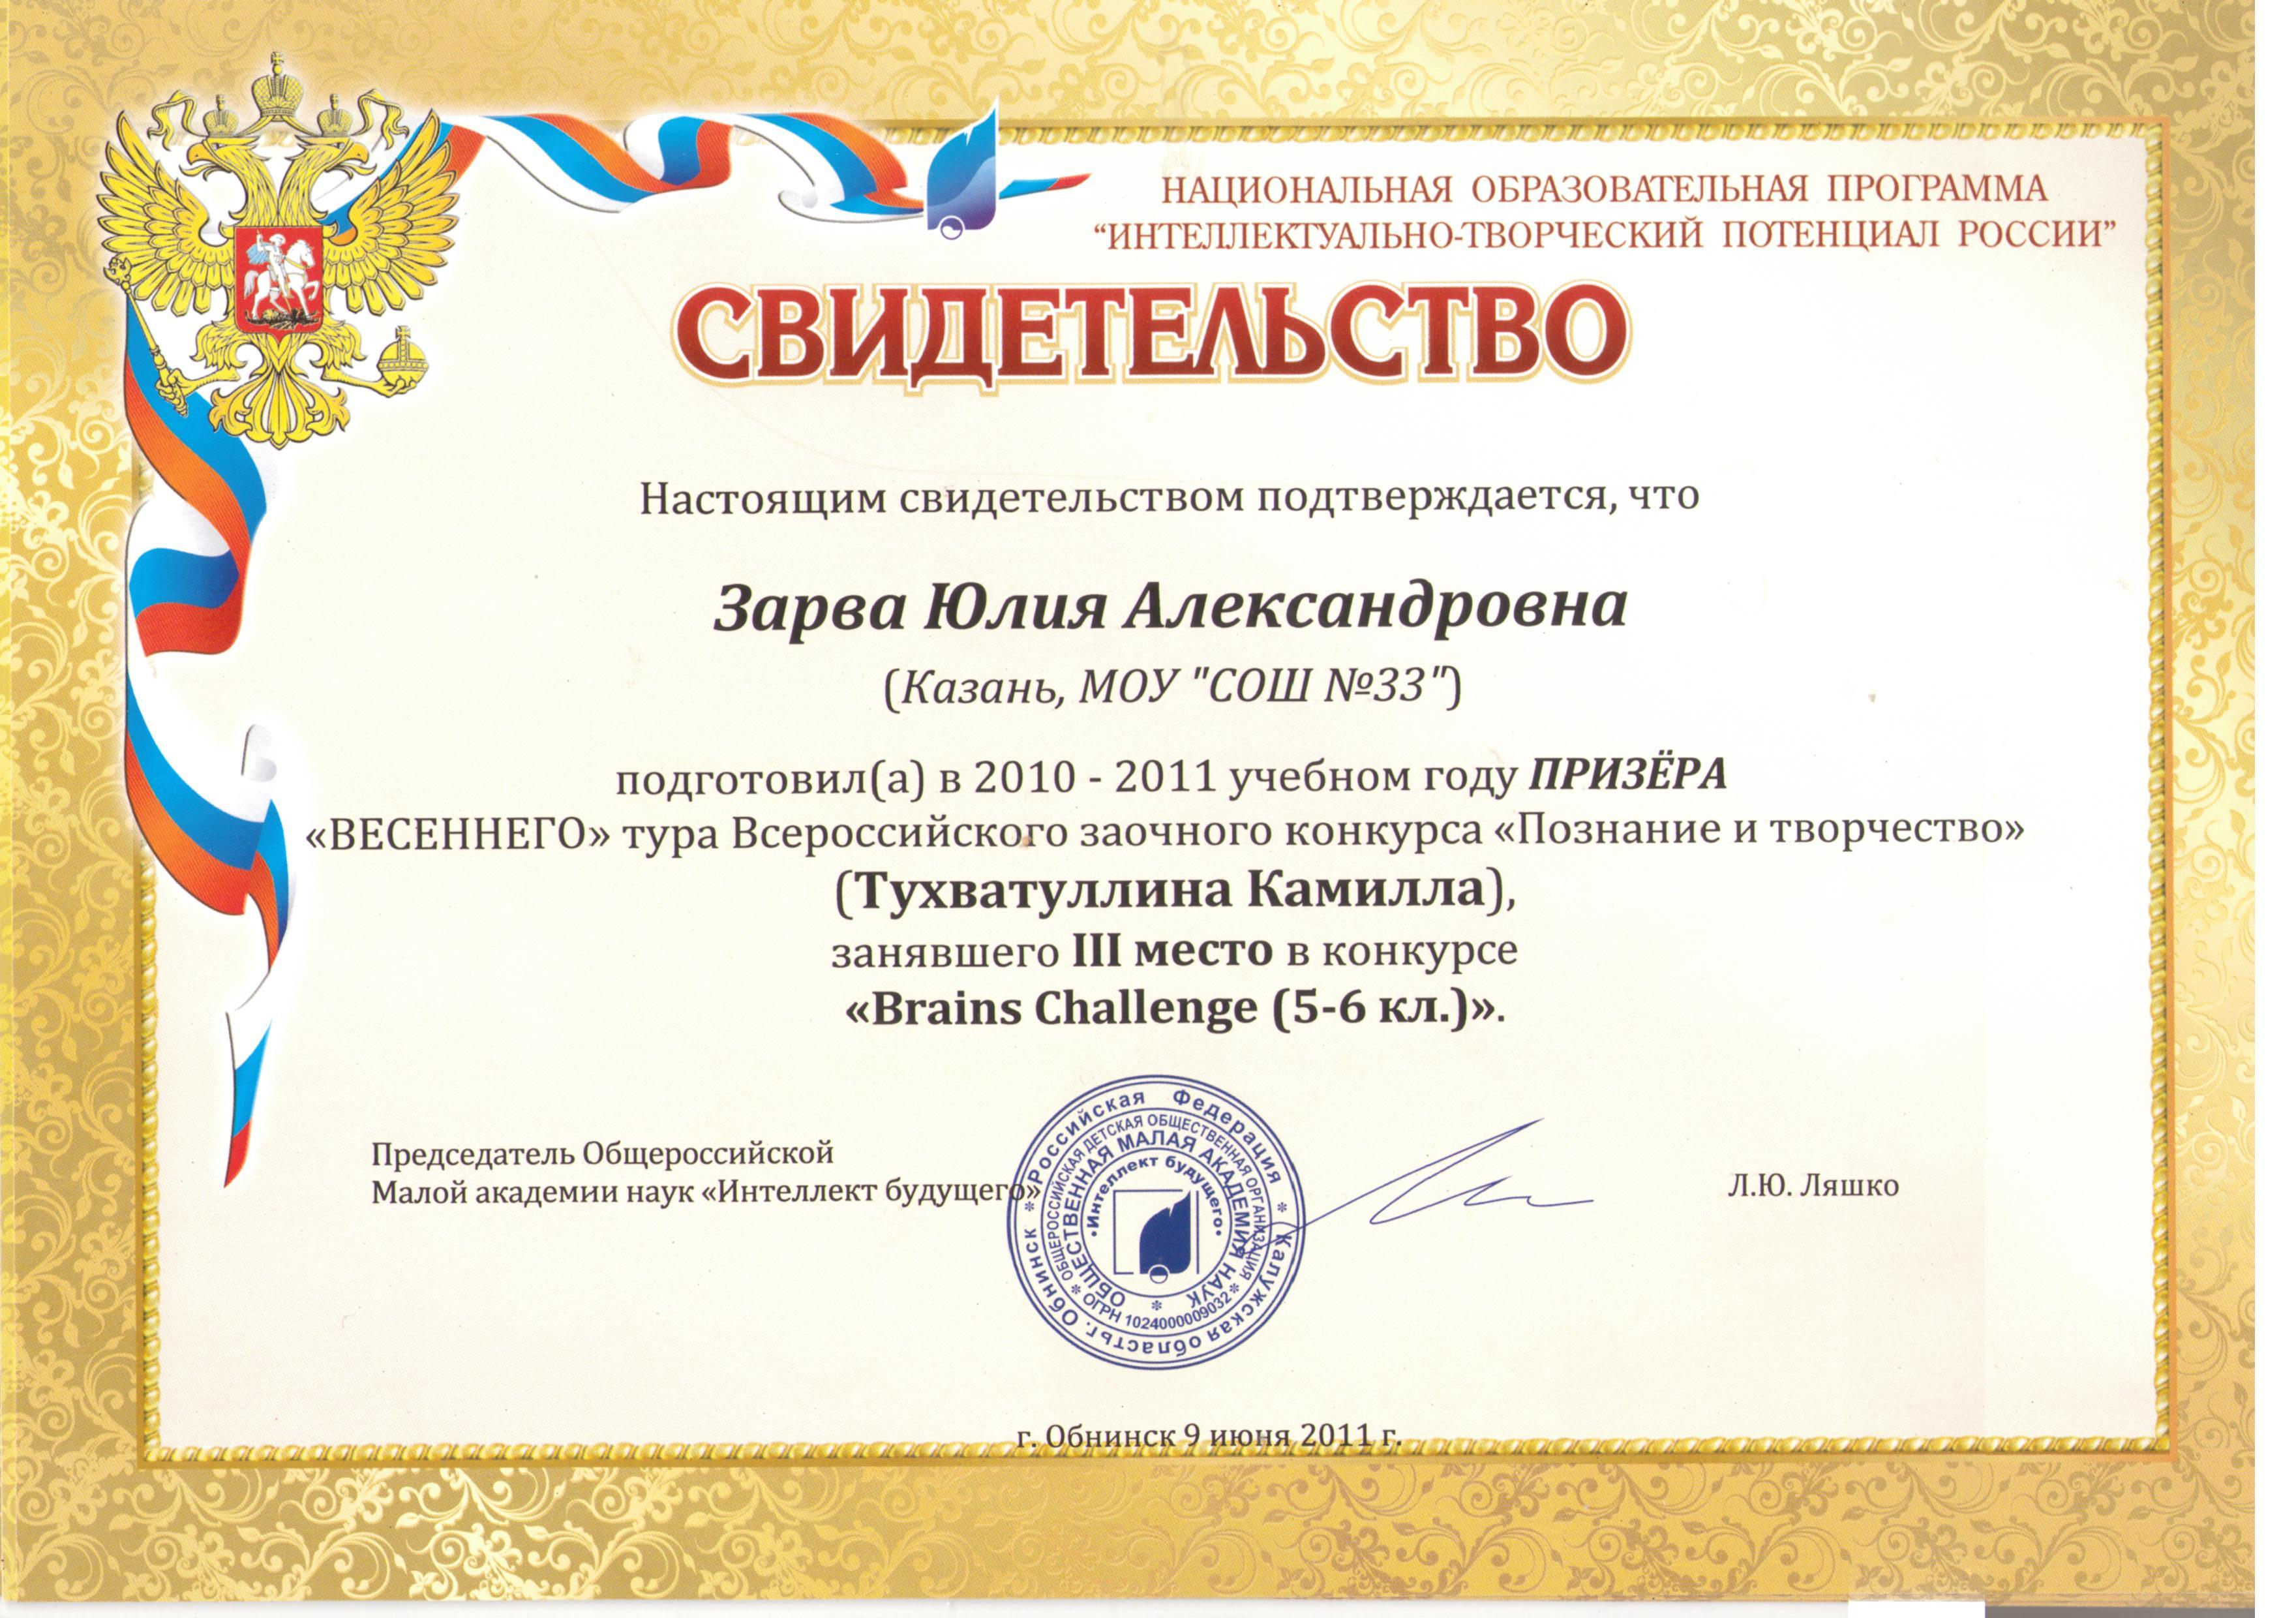 Образовательный потенциал россии результаты конкурса